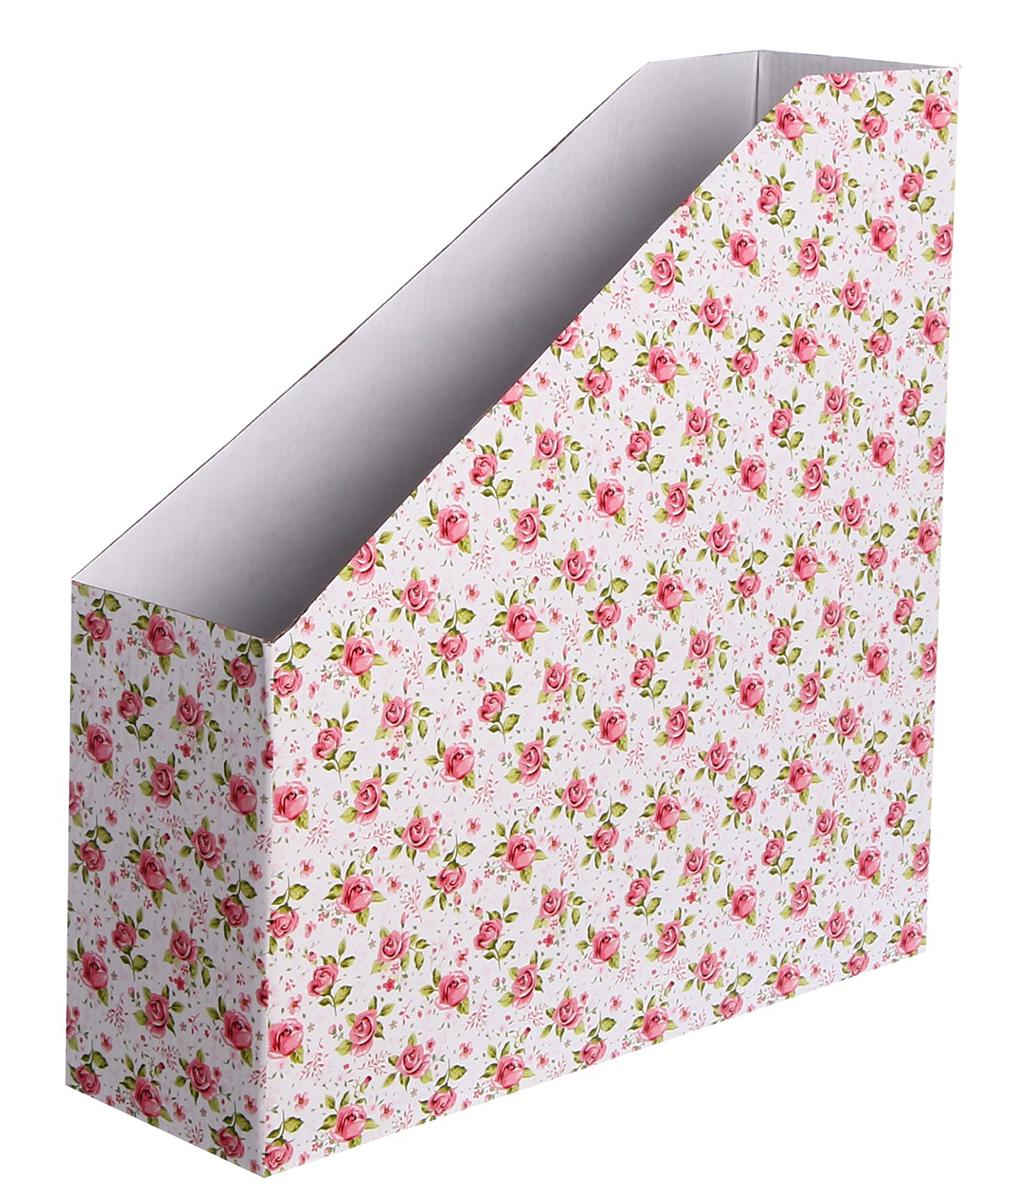 Арт Узор Органайзер для папок Цветочный сад 31 х 31 х 9,5 см